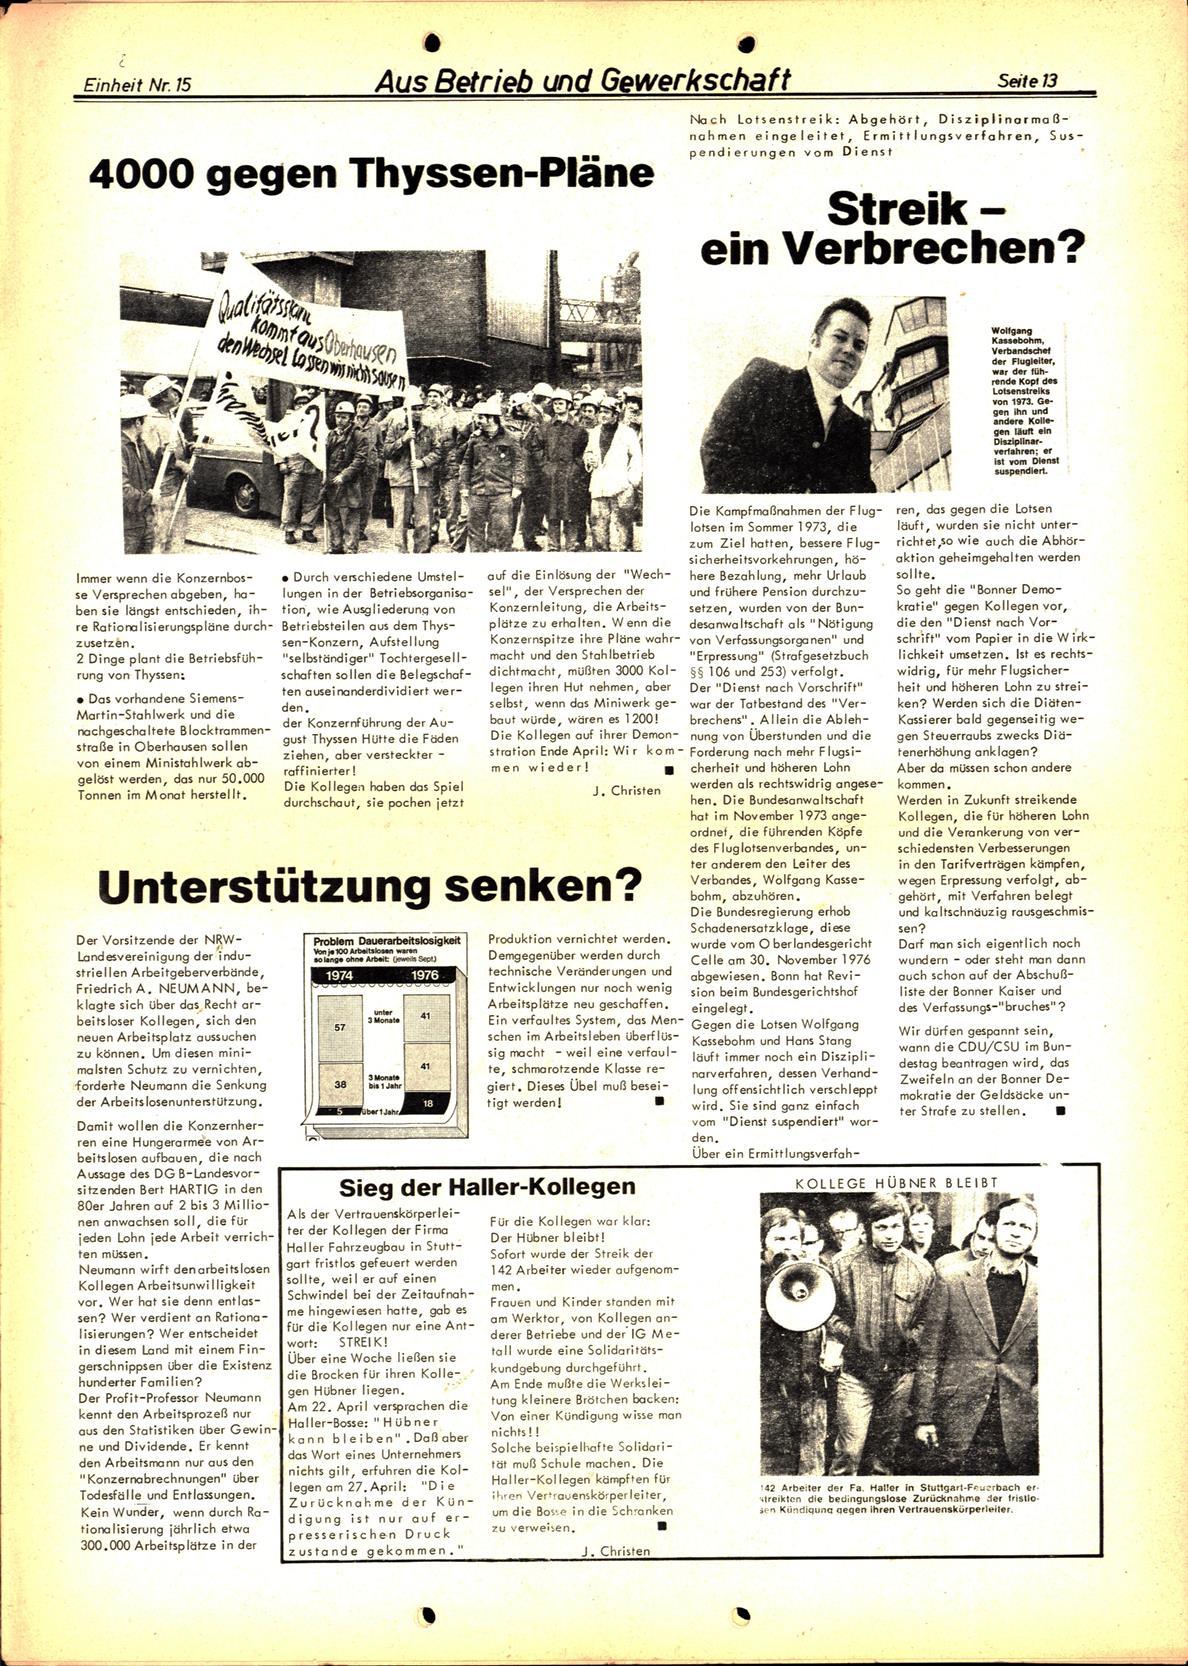 Koeln_IPdA_Einheit_1977_015_013